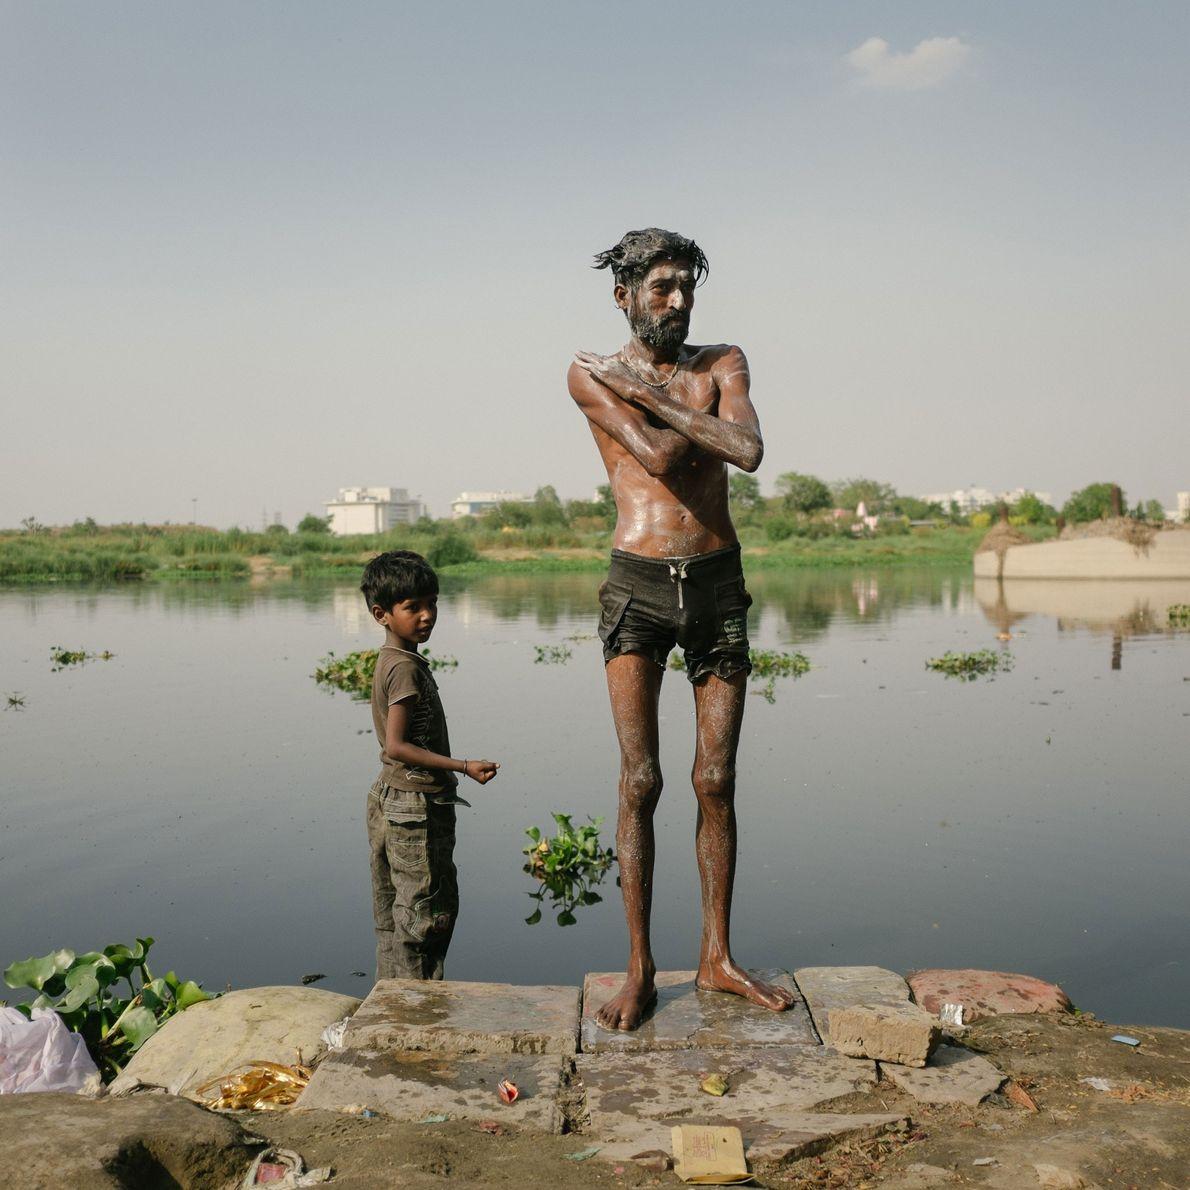 Fotografia de Nazir, que recicla despojos religiosos atirados da ponte